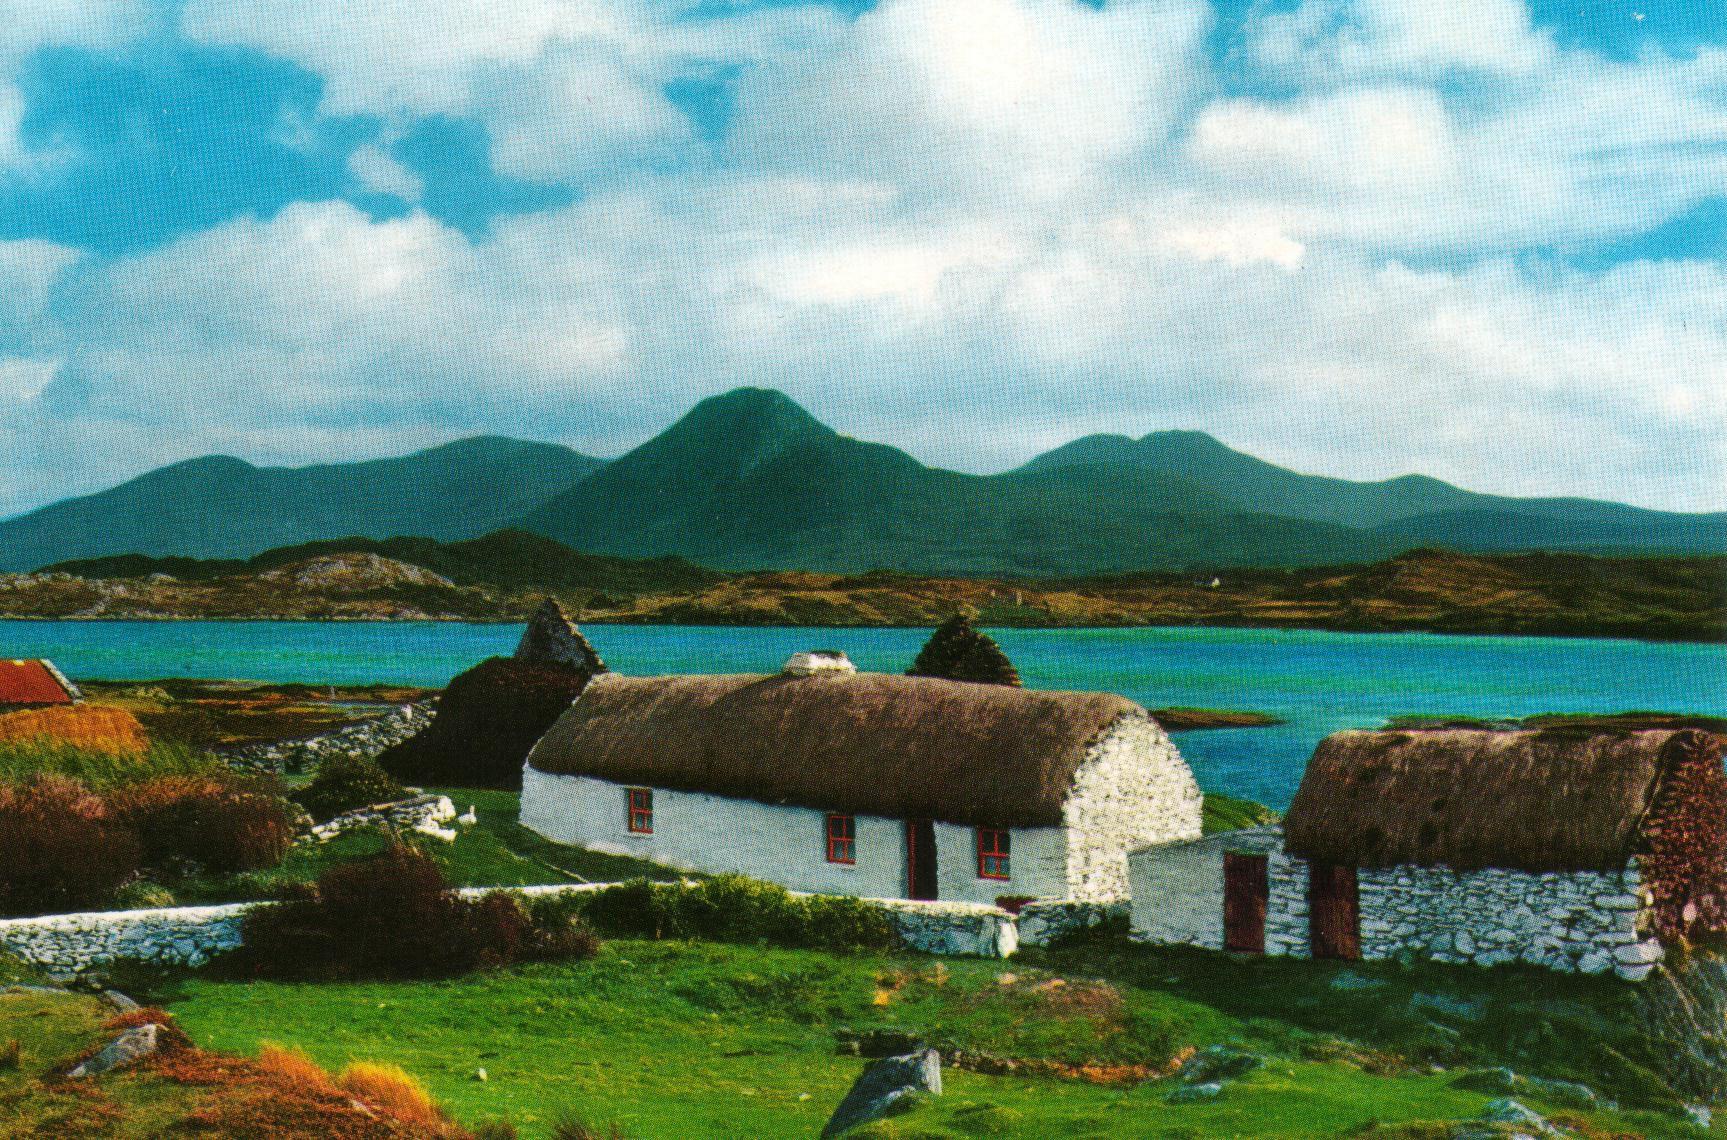 ugh I want to go to Ireland